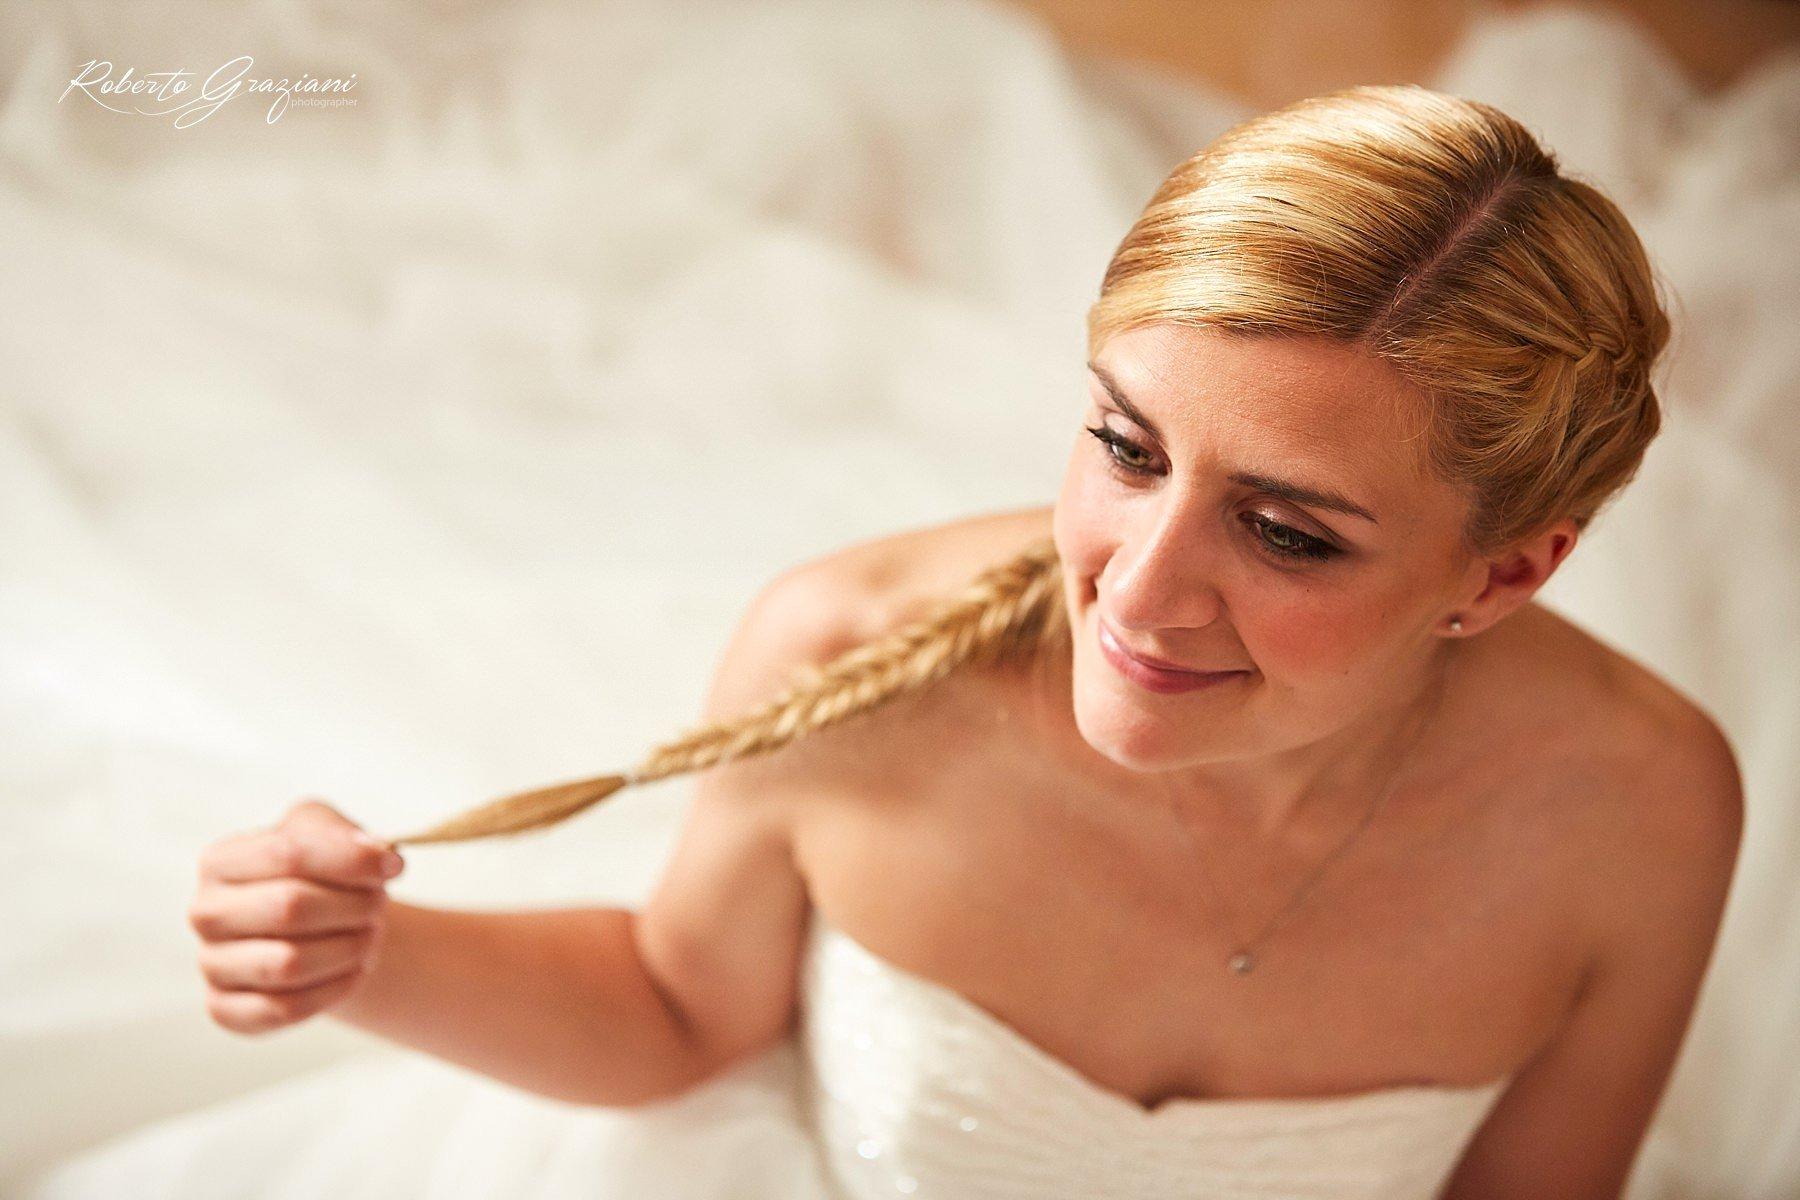 ritratto di una sposa seduta sull'abito bianco